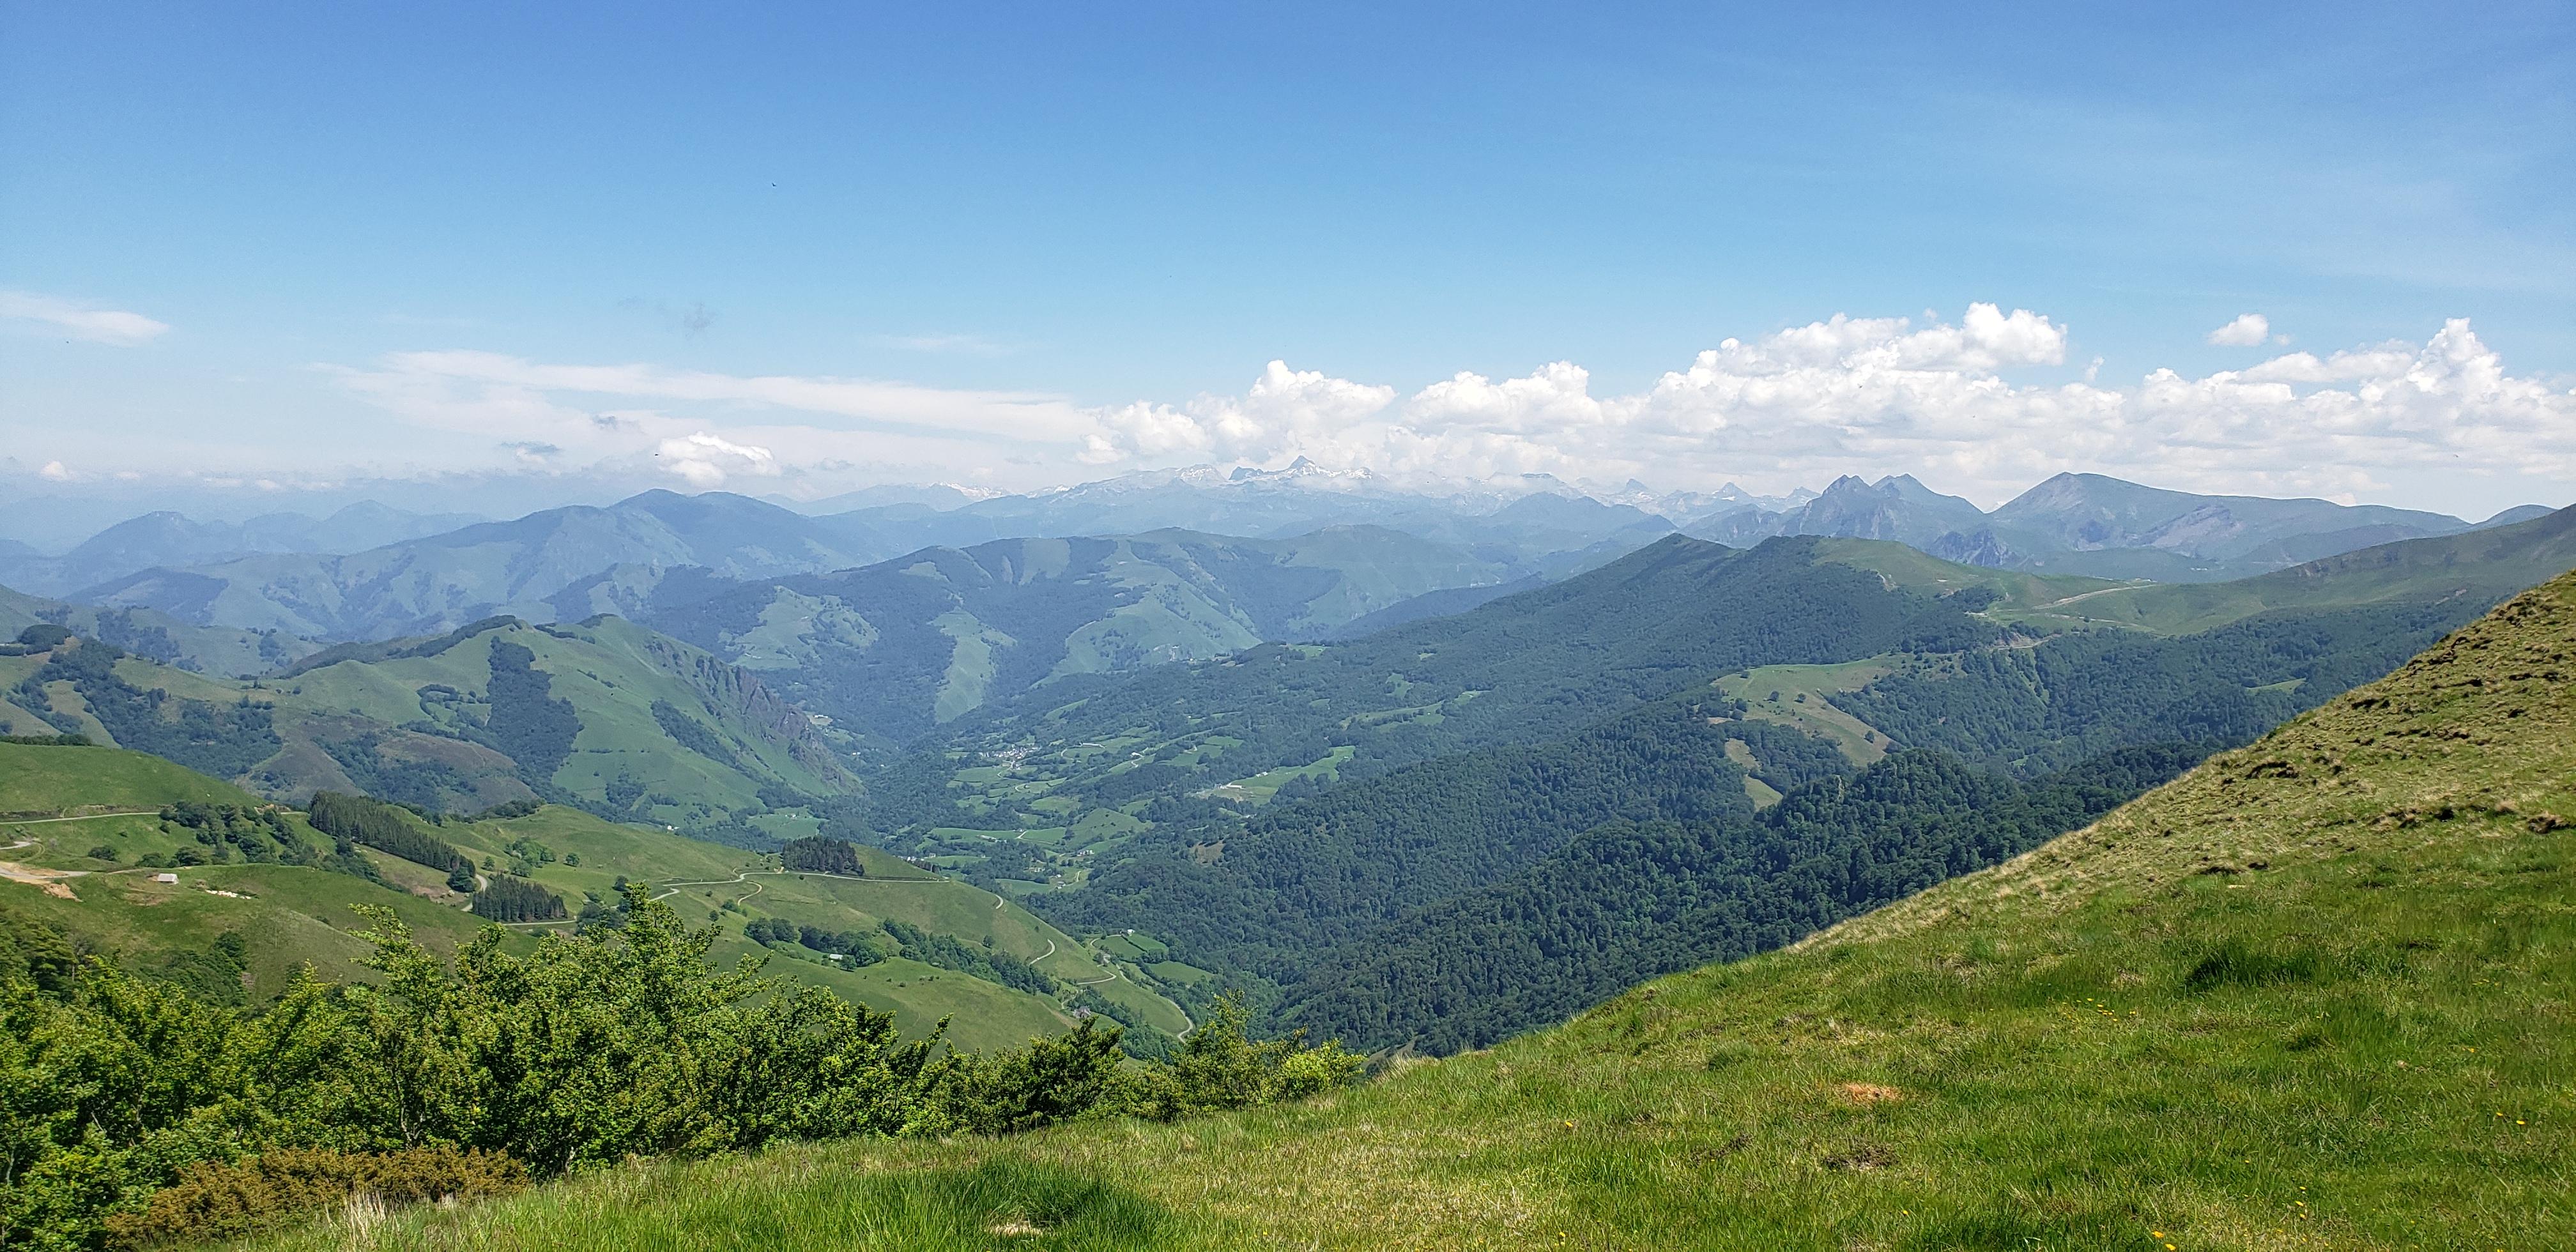 Pyrénées vue depuis la forêt d'Iraty